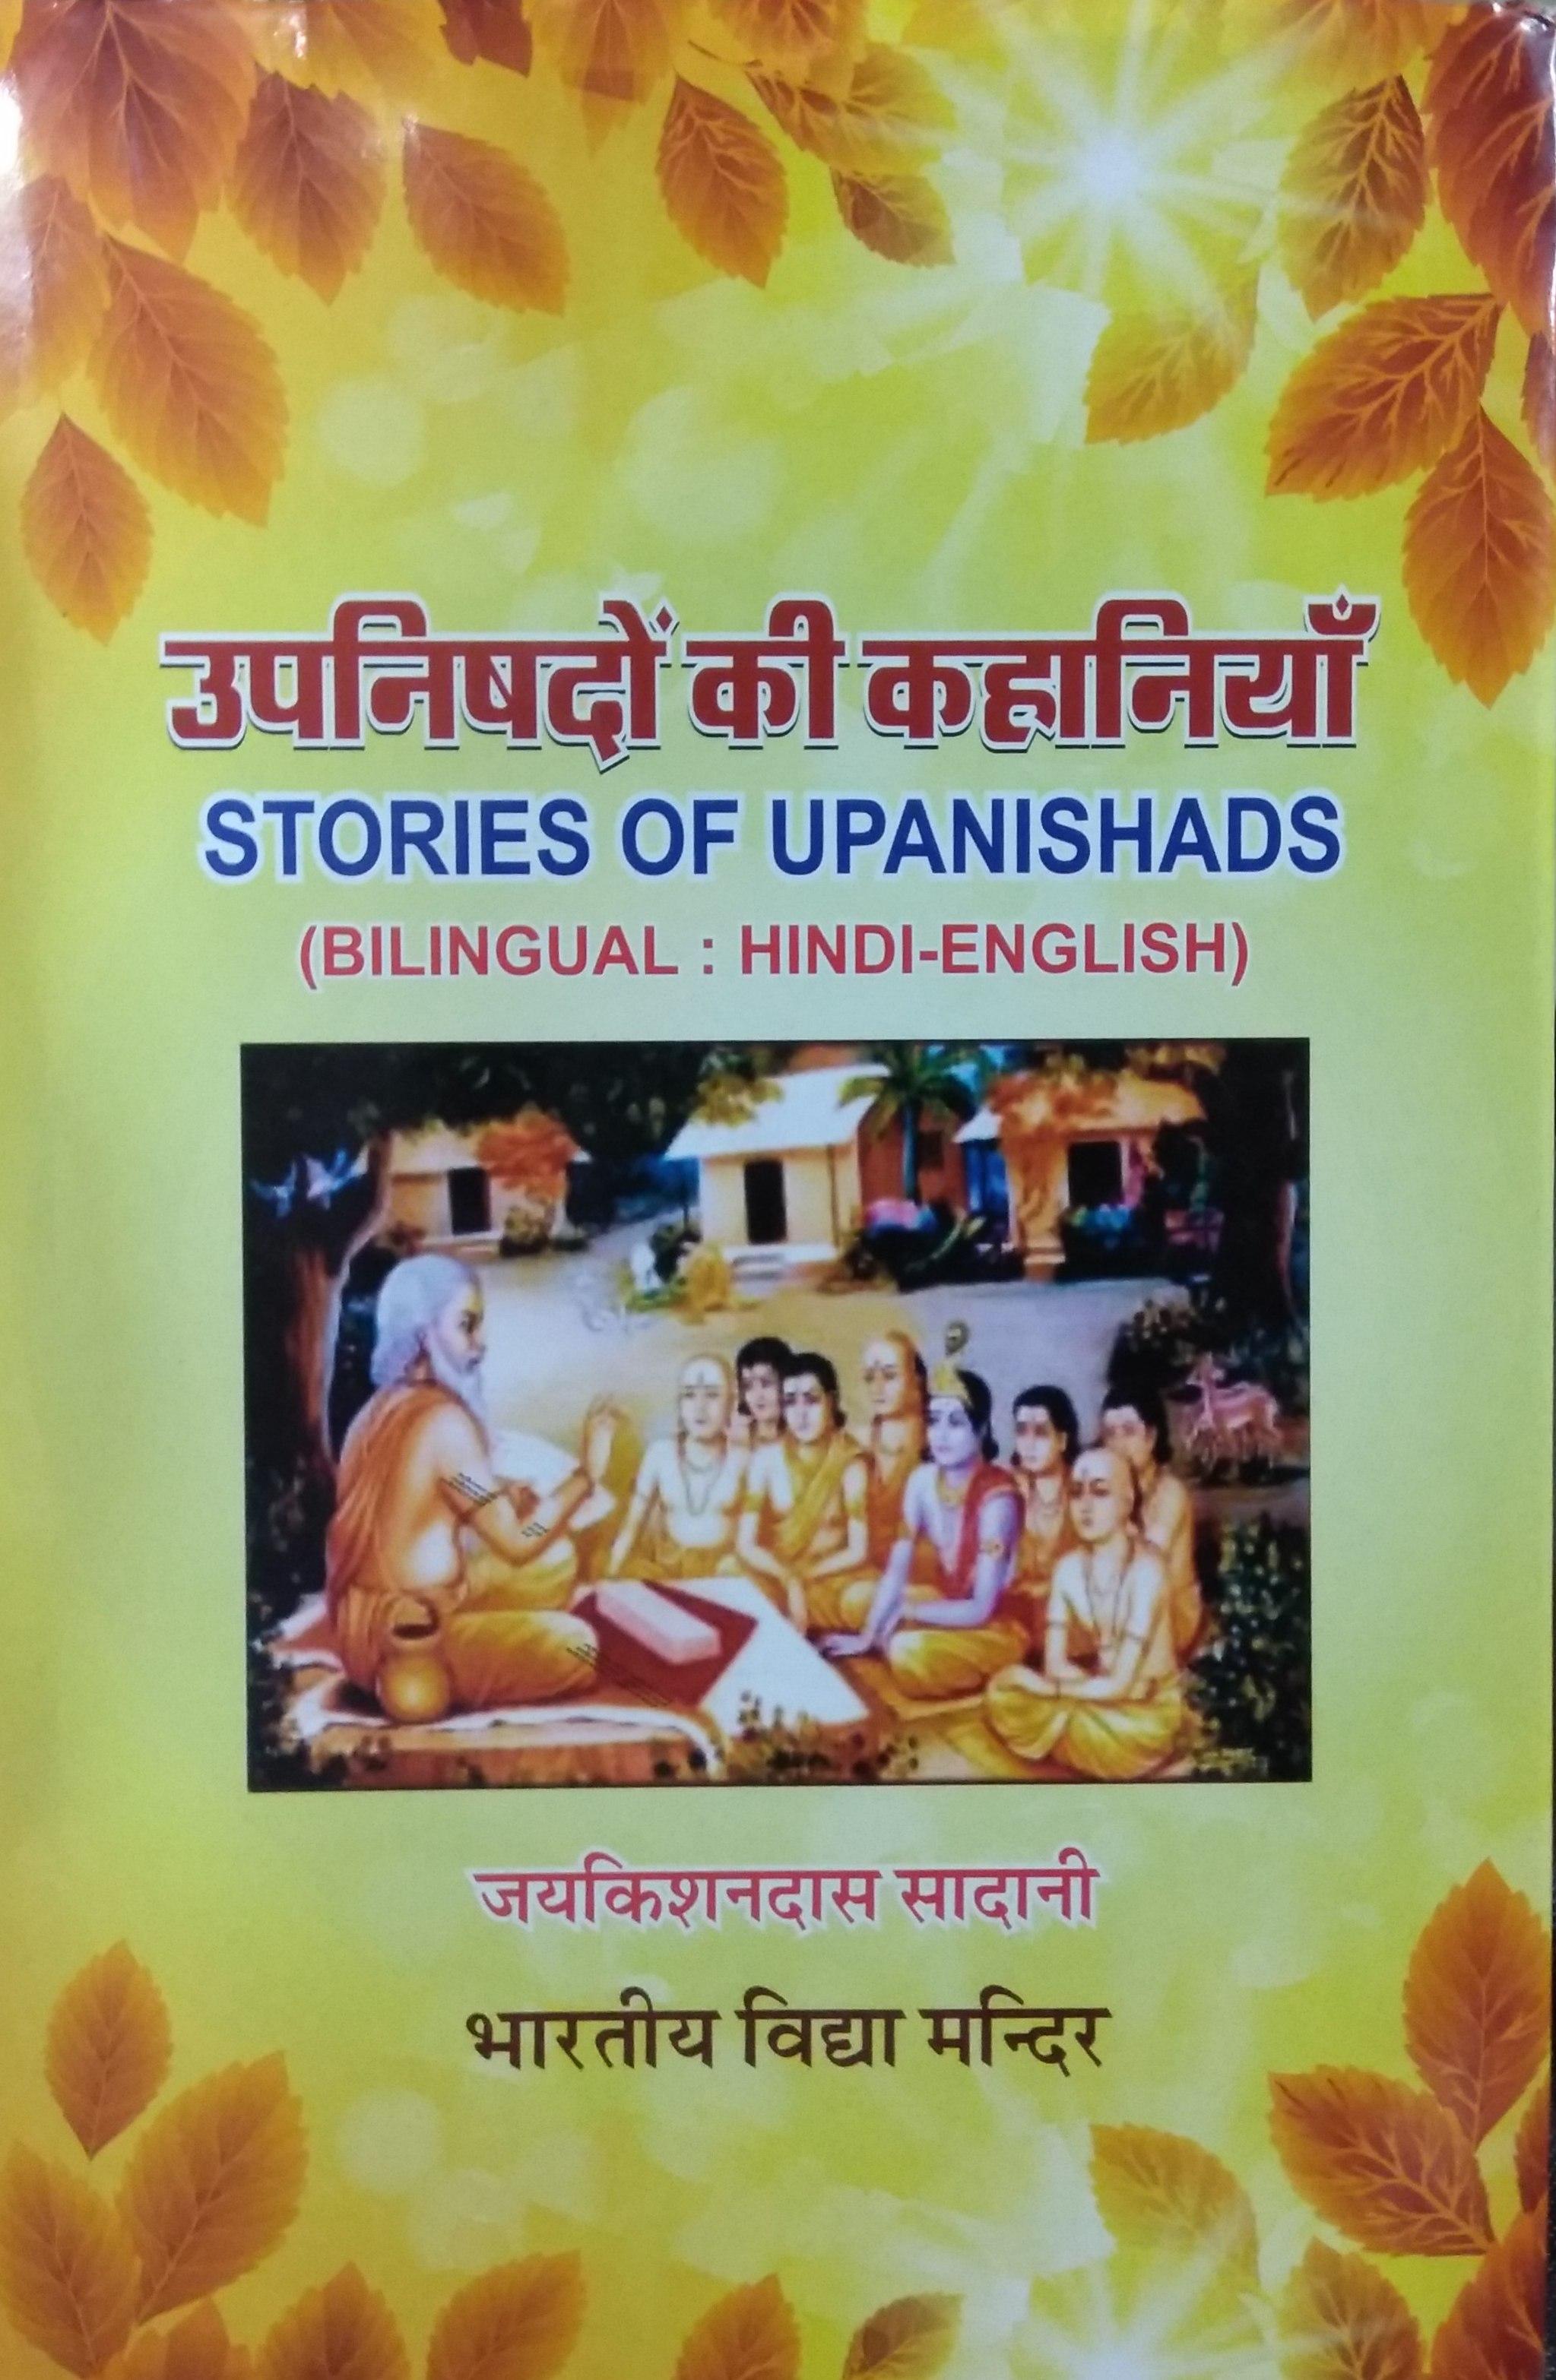 Upanishado ki Kahaniya (Stories of Upanishads) Bil…